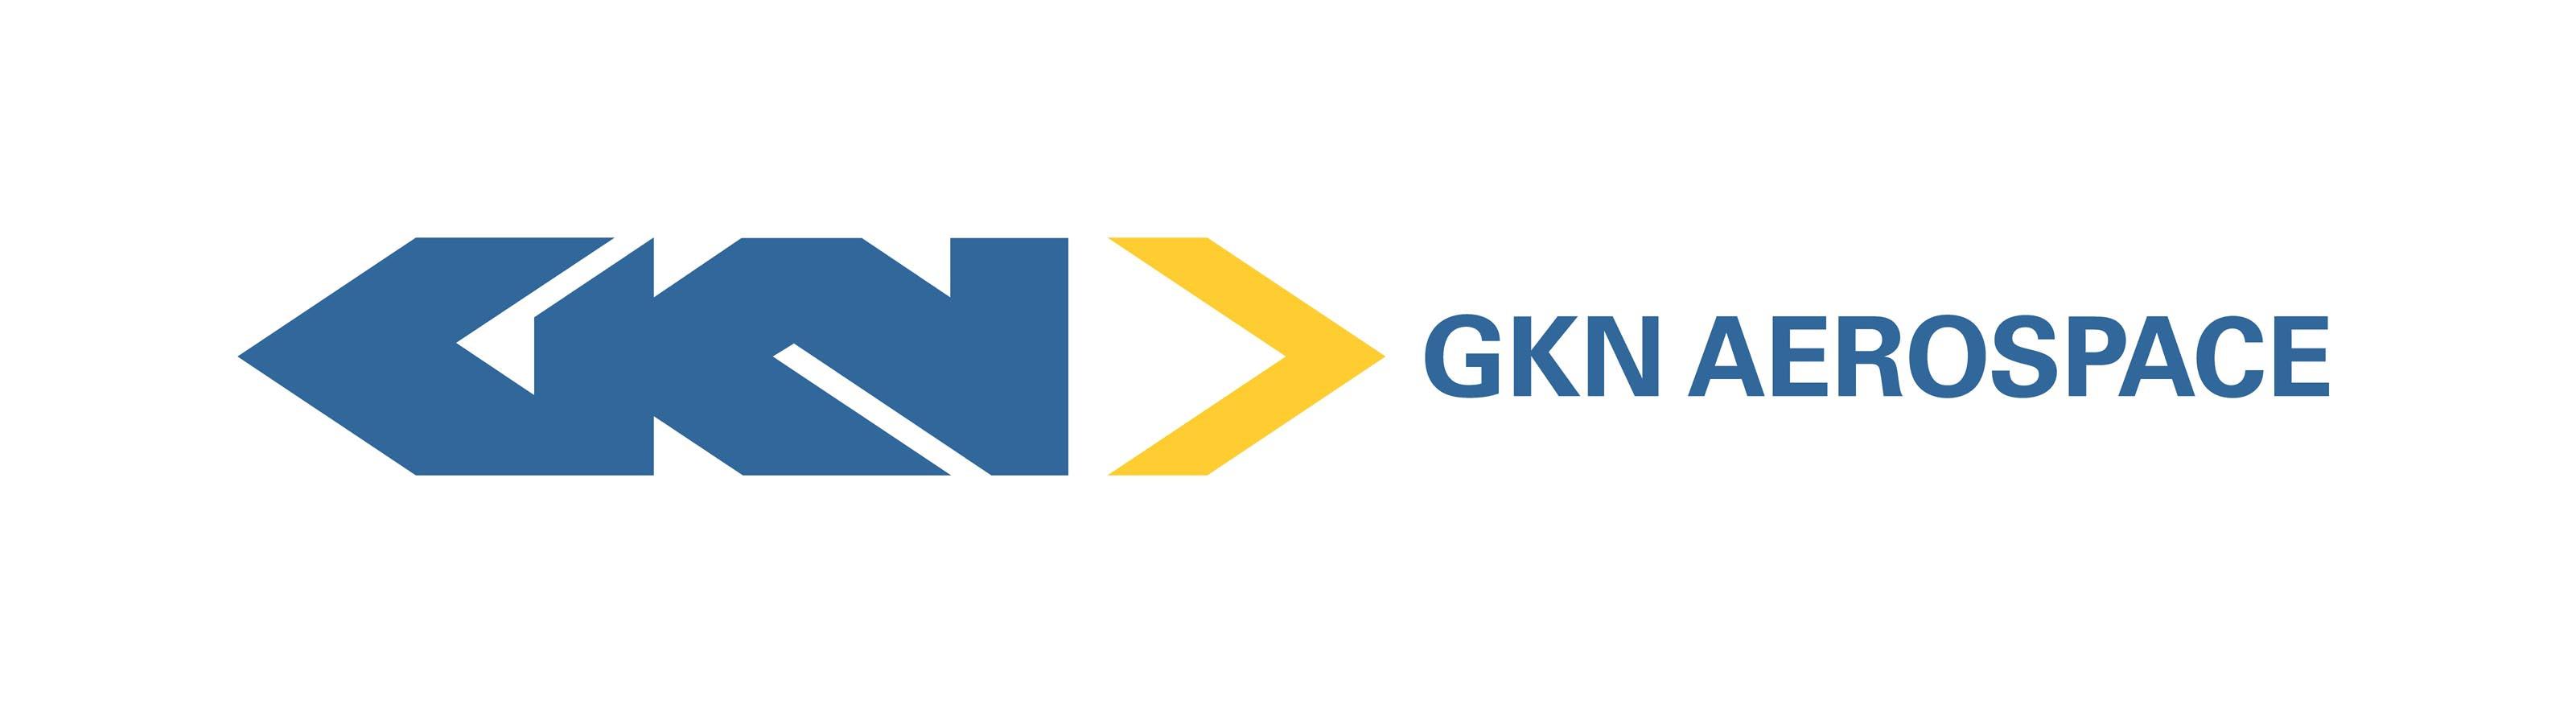 gkn_logo.jpg